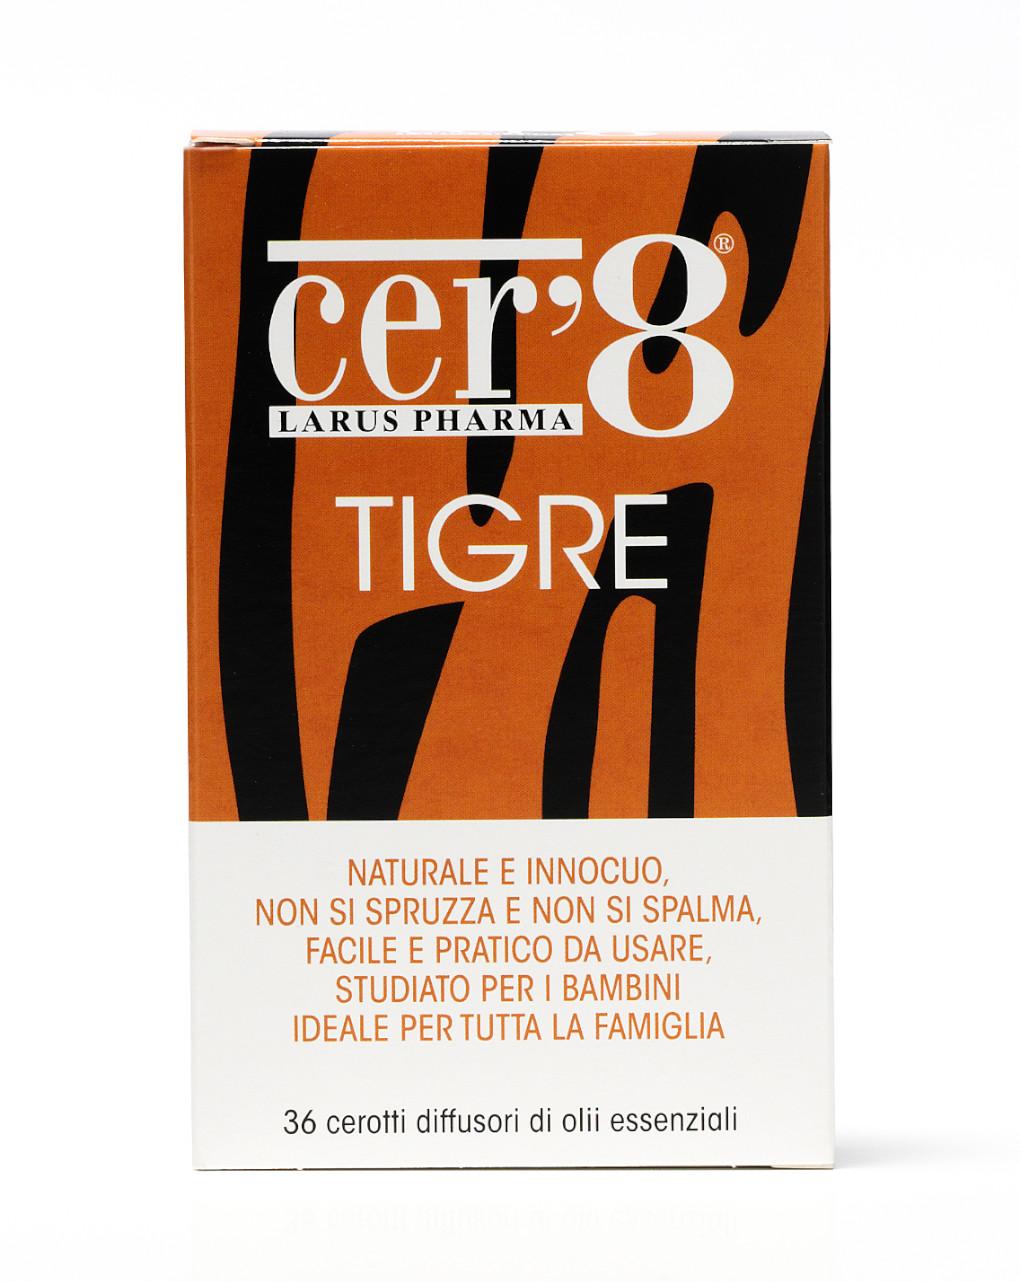 Cer'8 tigre cuscinetti diffusori 36 pezzi - Cer'8